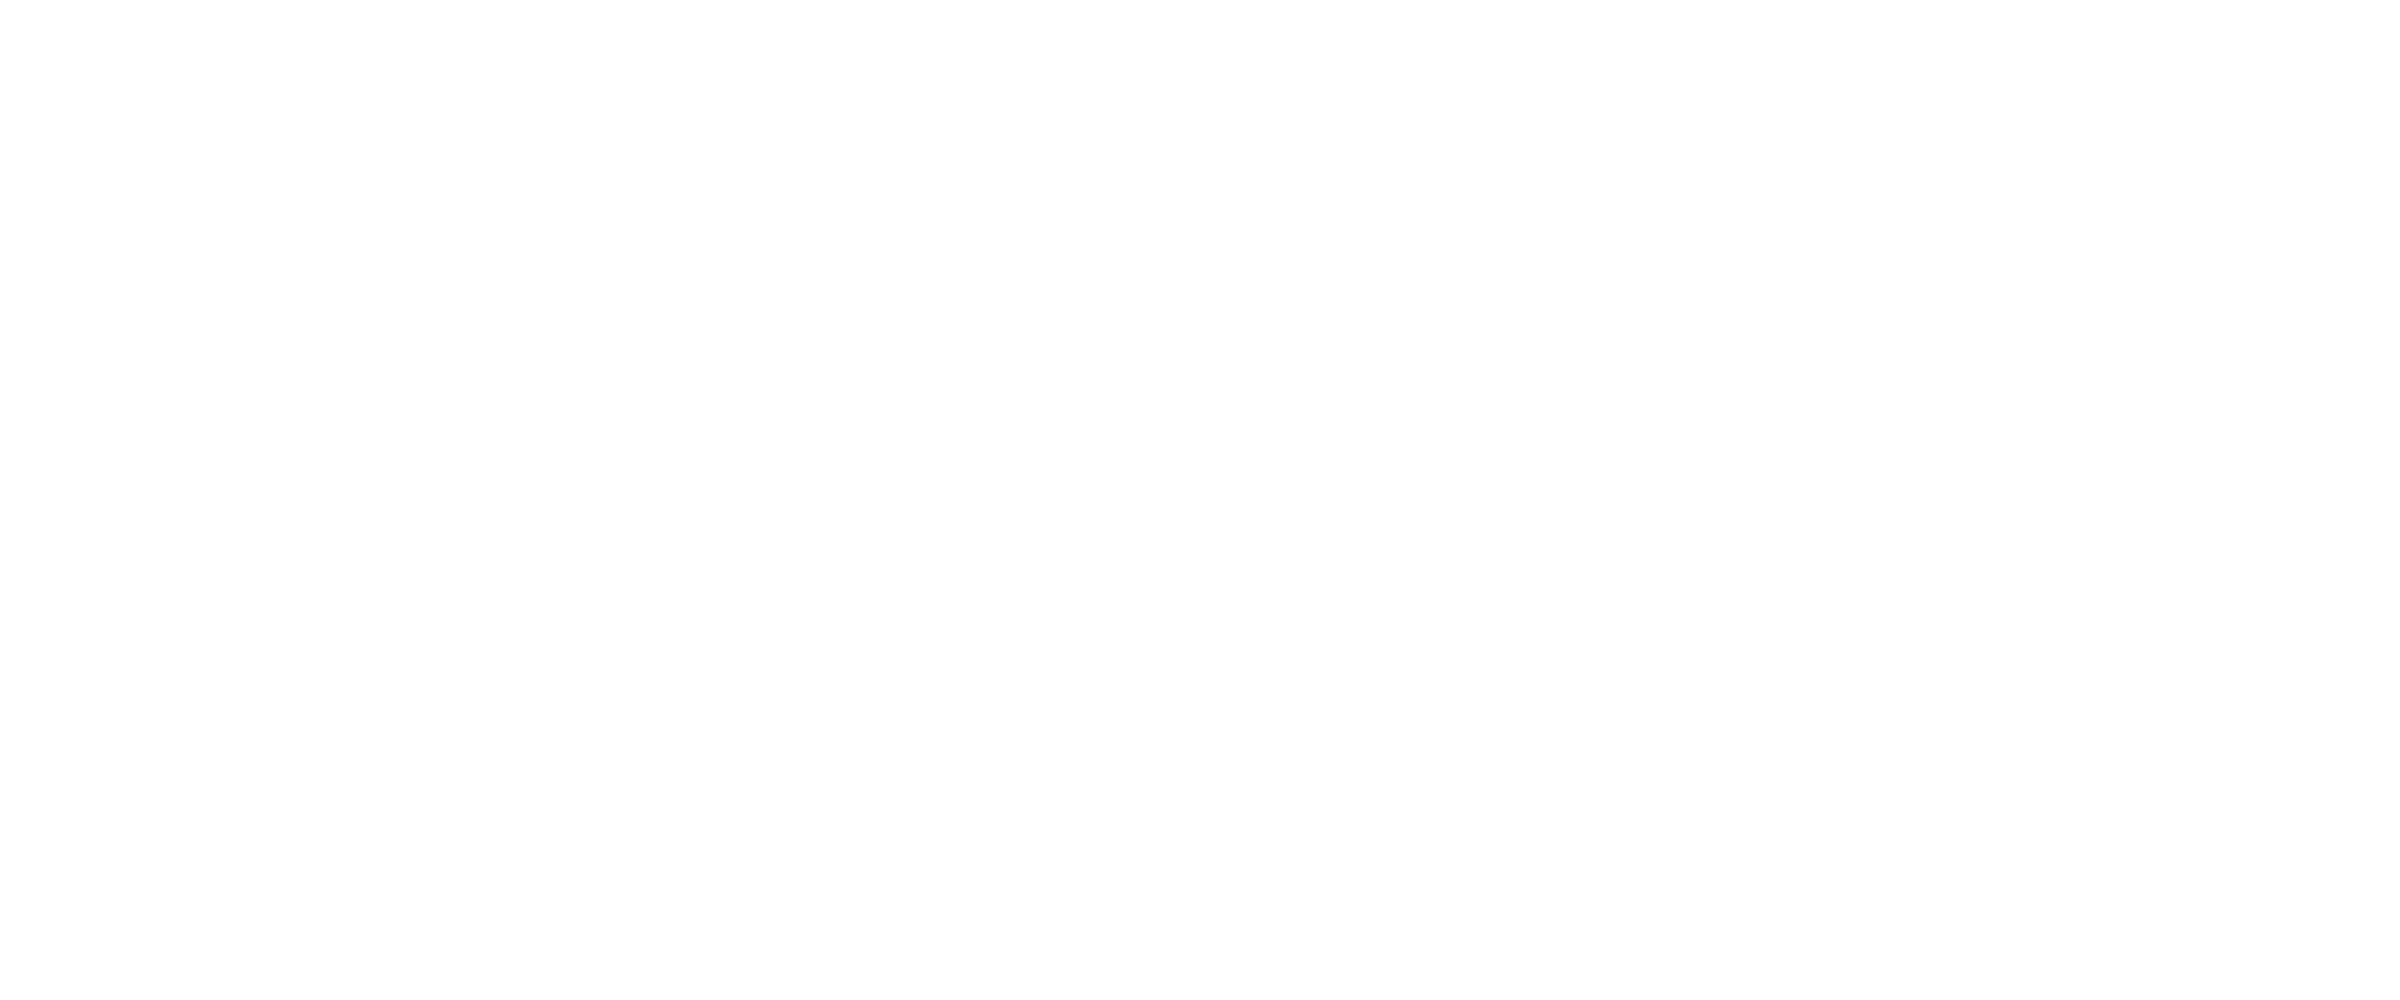 Logofrise_Referencegruppe_Neg